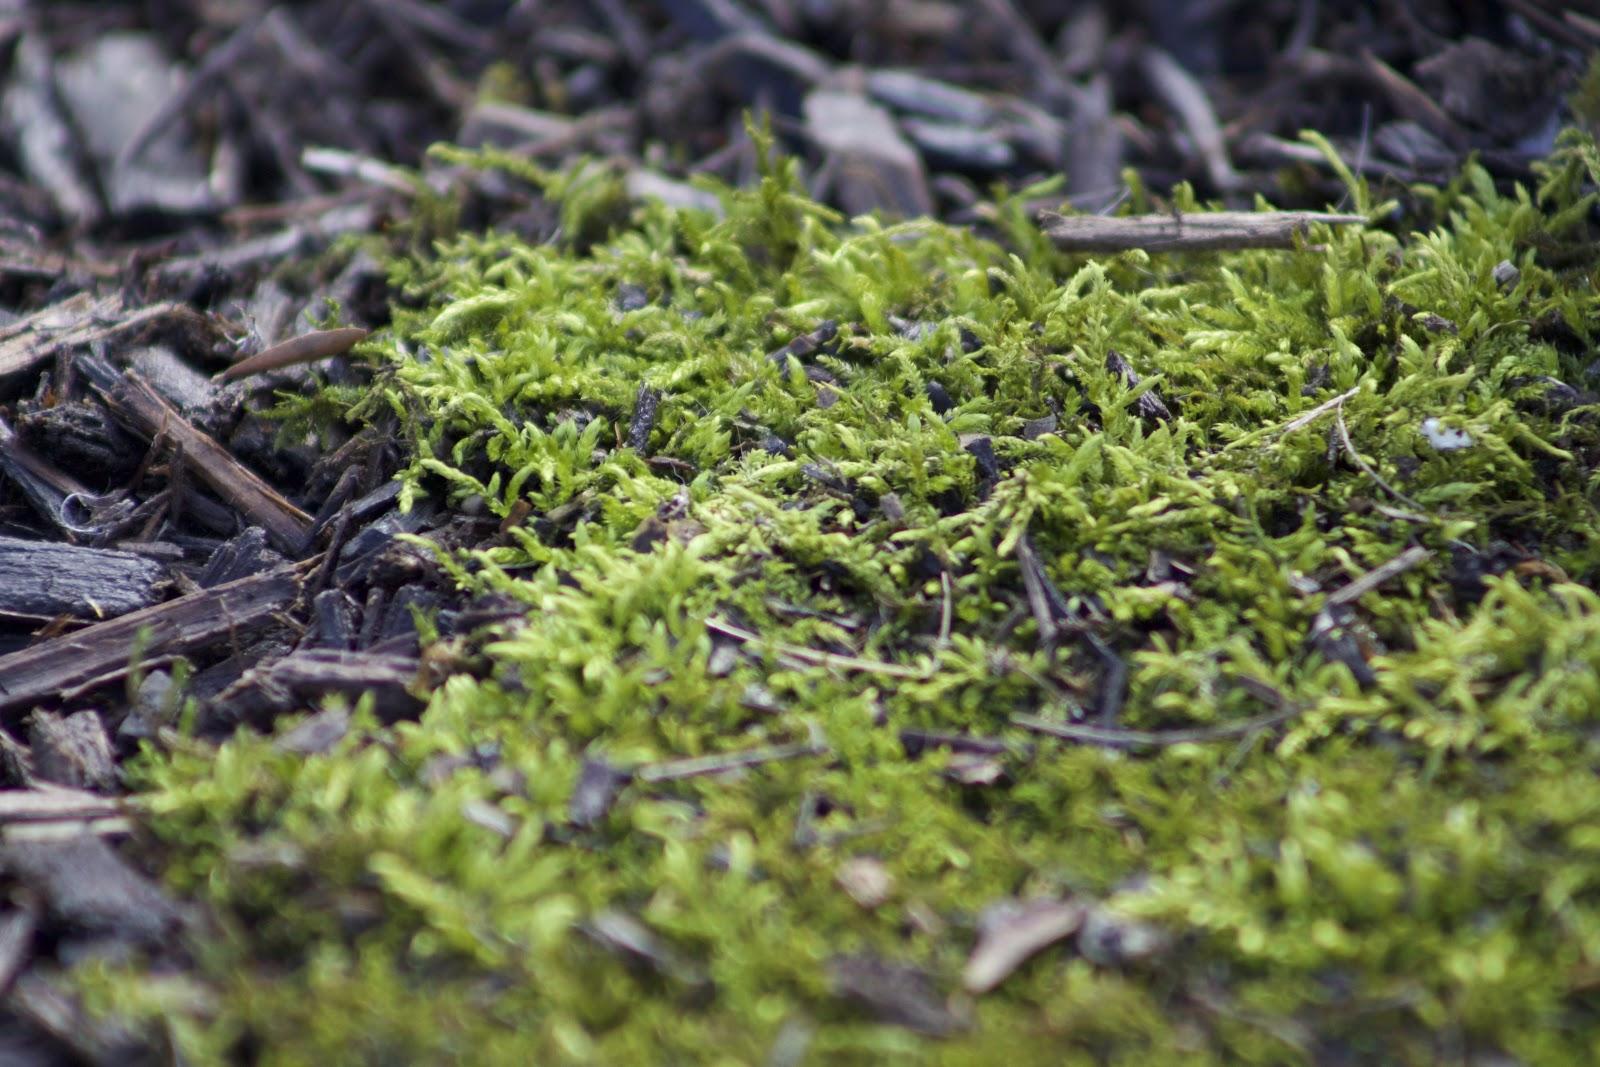 mat of Thuidium fern moss